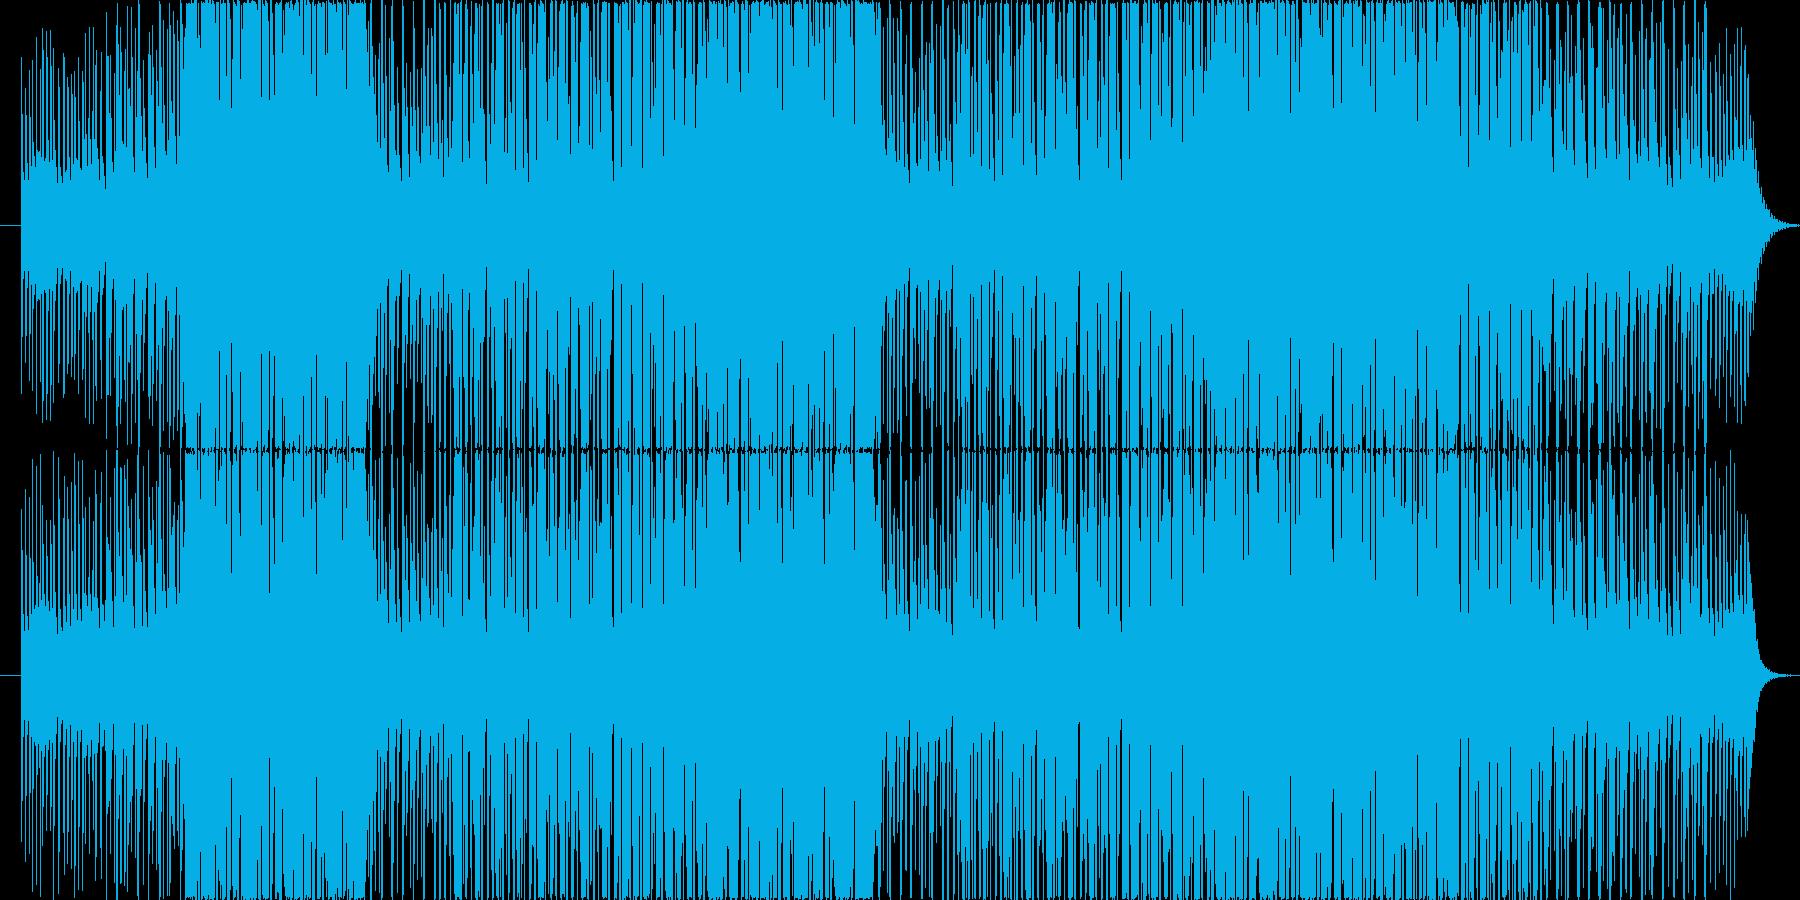 リバーブ強目シンセサイザーとピアノの旋律の再生済みの波形